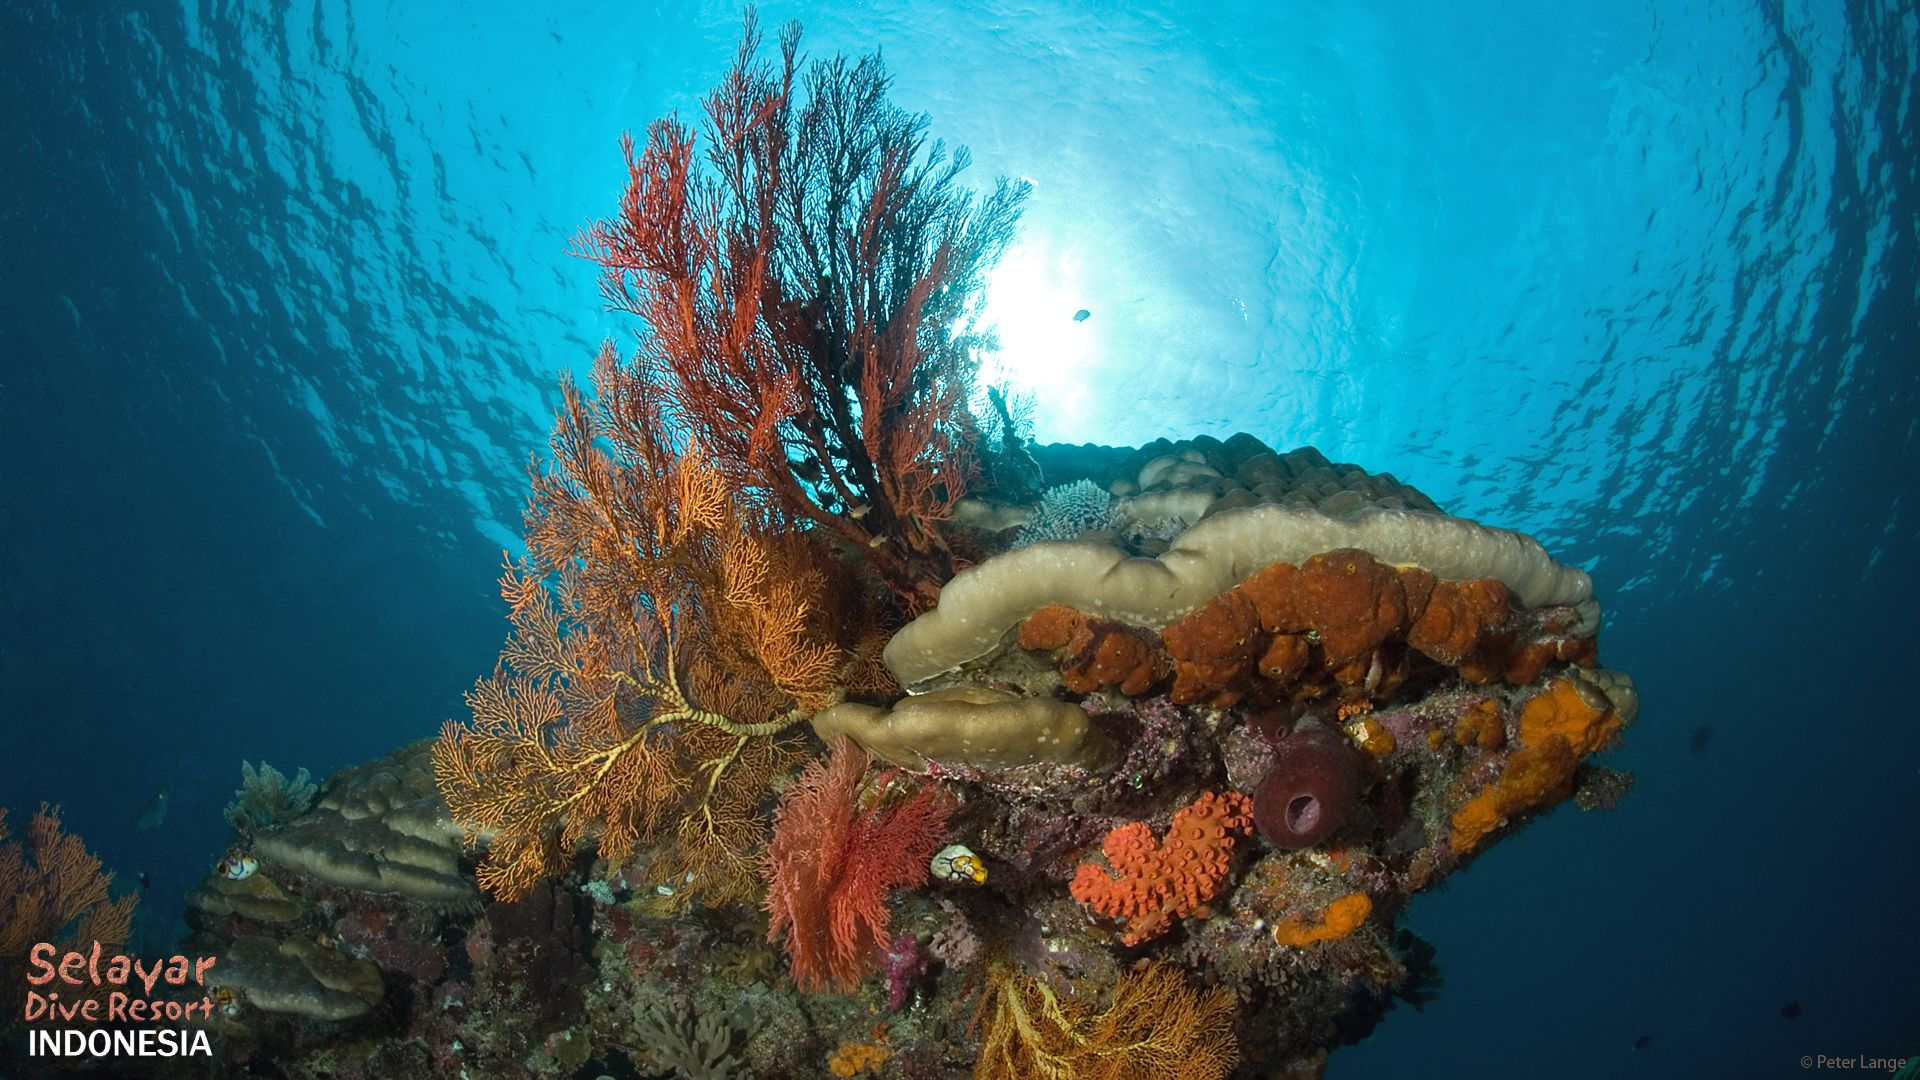 marine park Indonesia Sulawesi